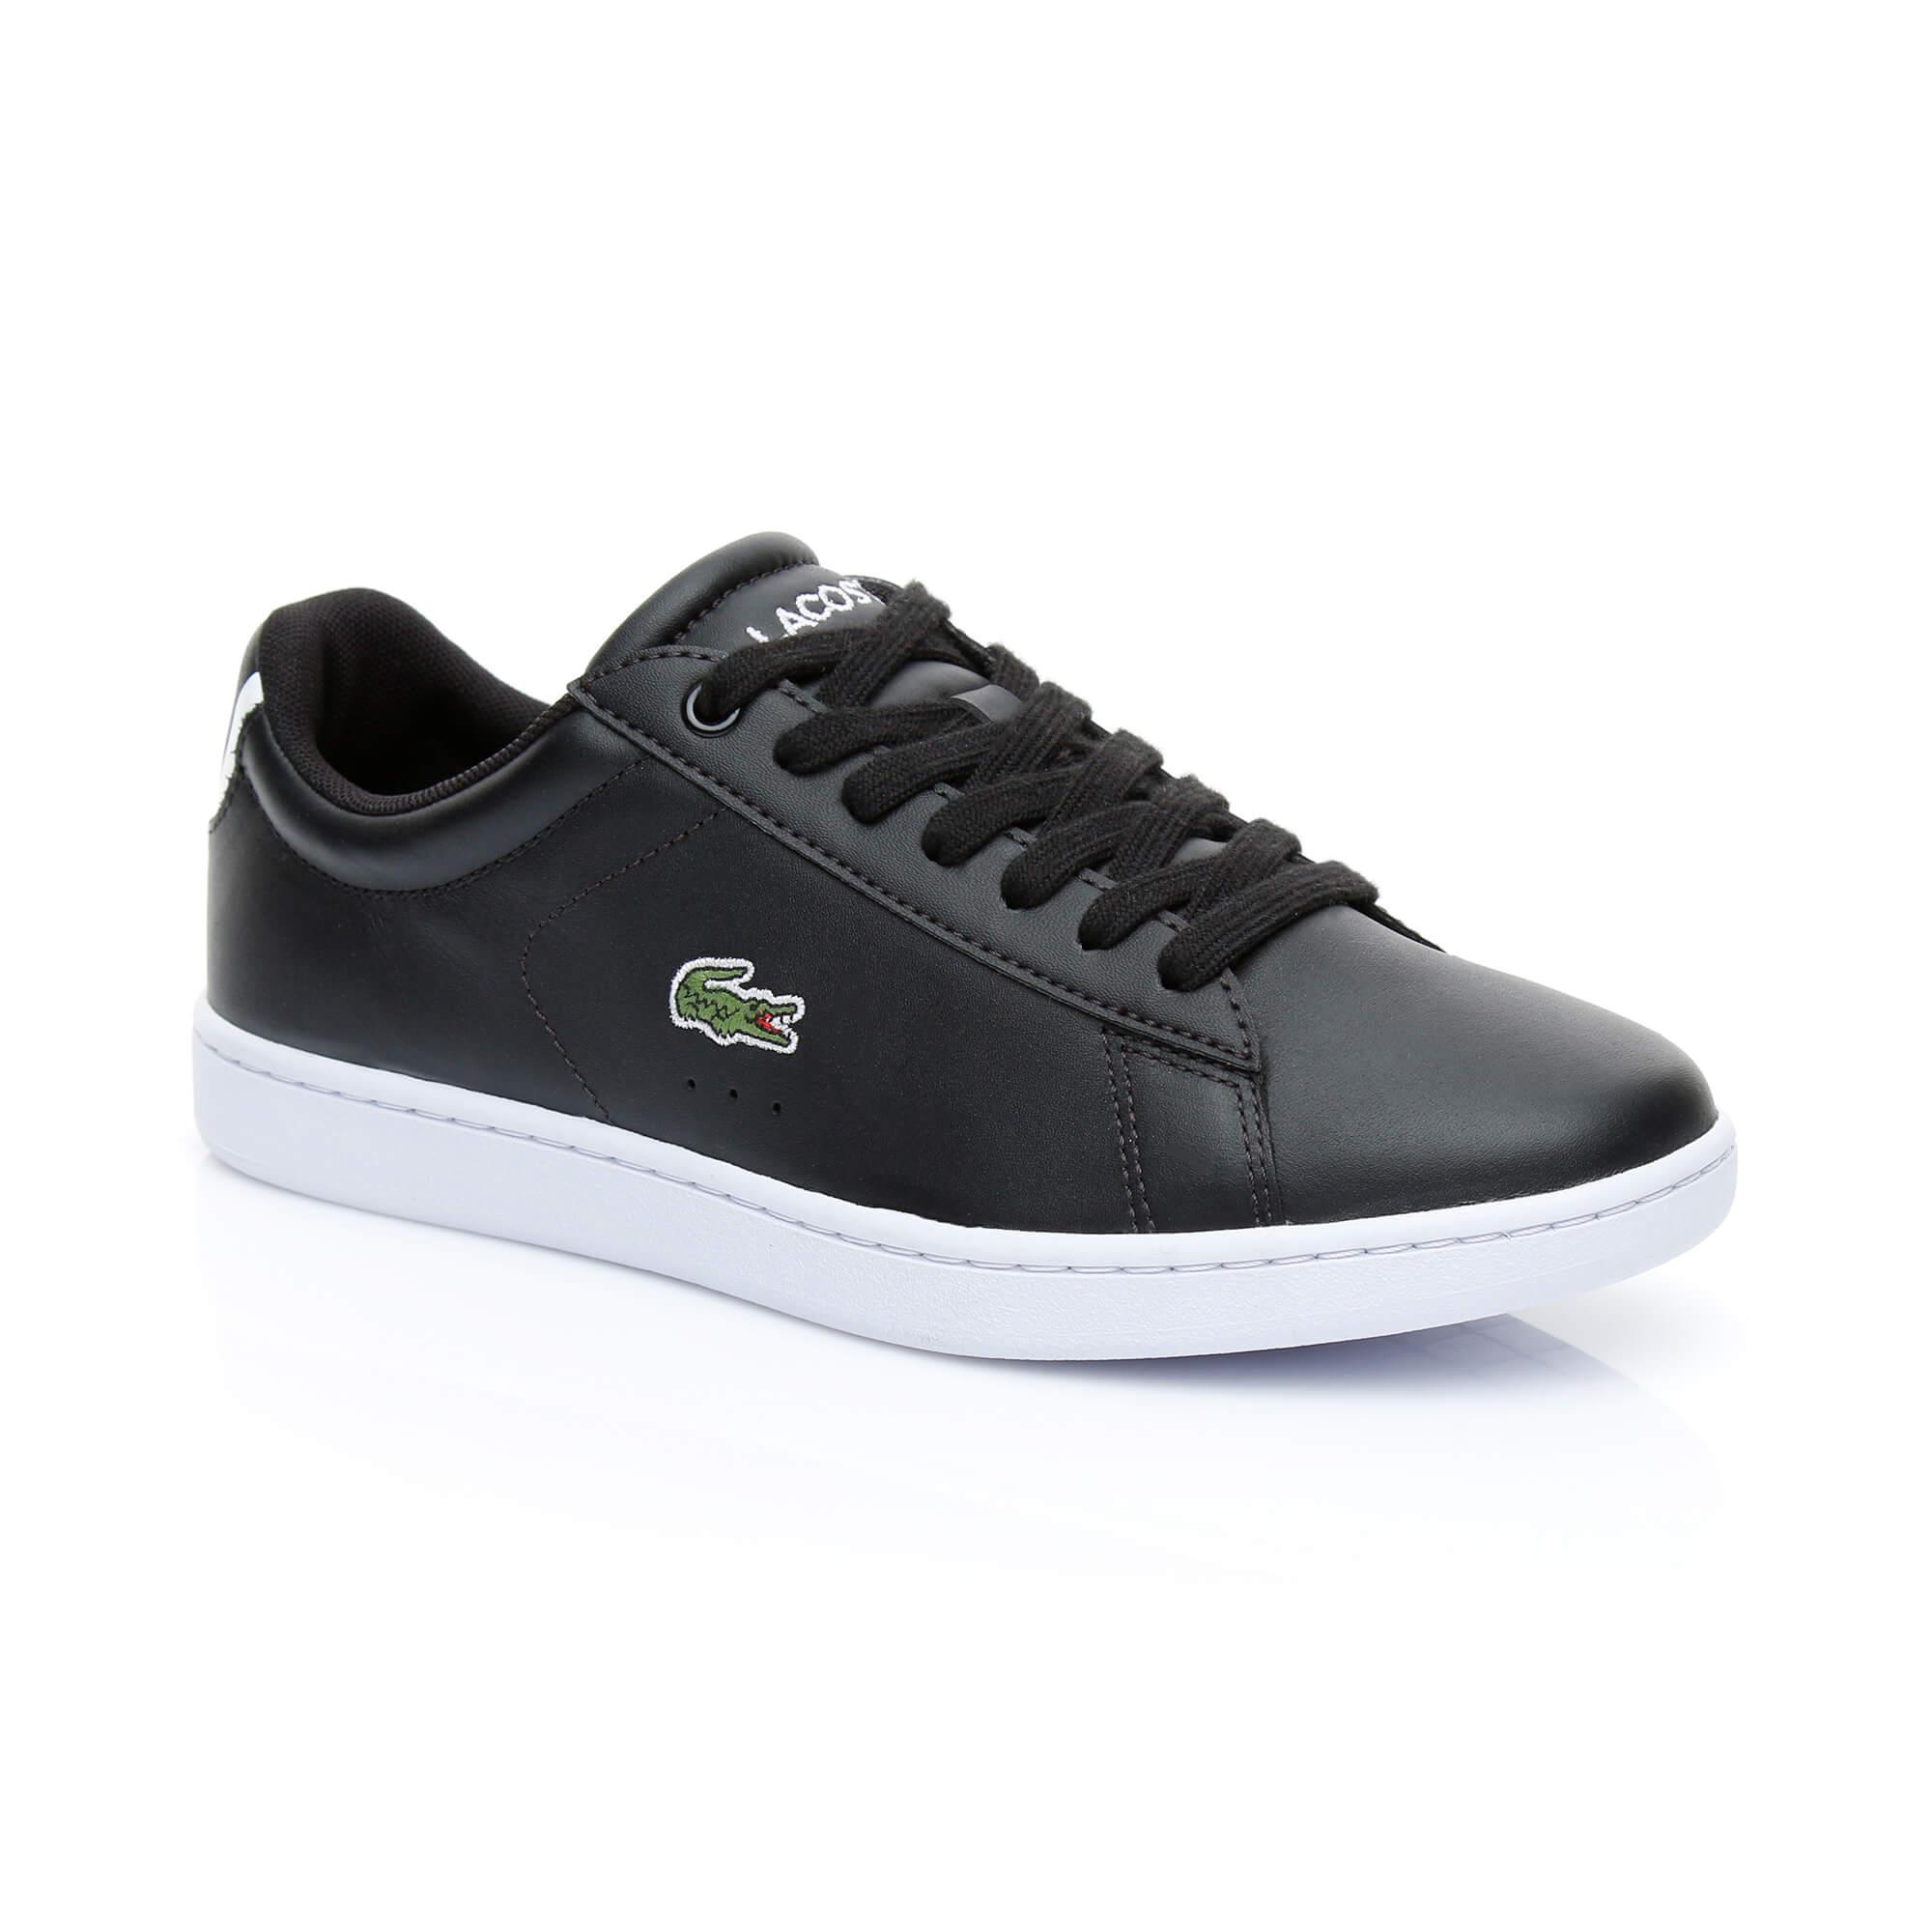 Lacoste Carnaby Evo Bl Kadın Siyah Sneaker Ayakkabı